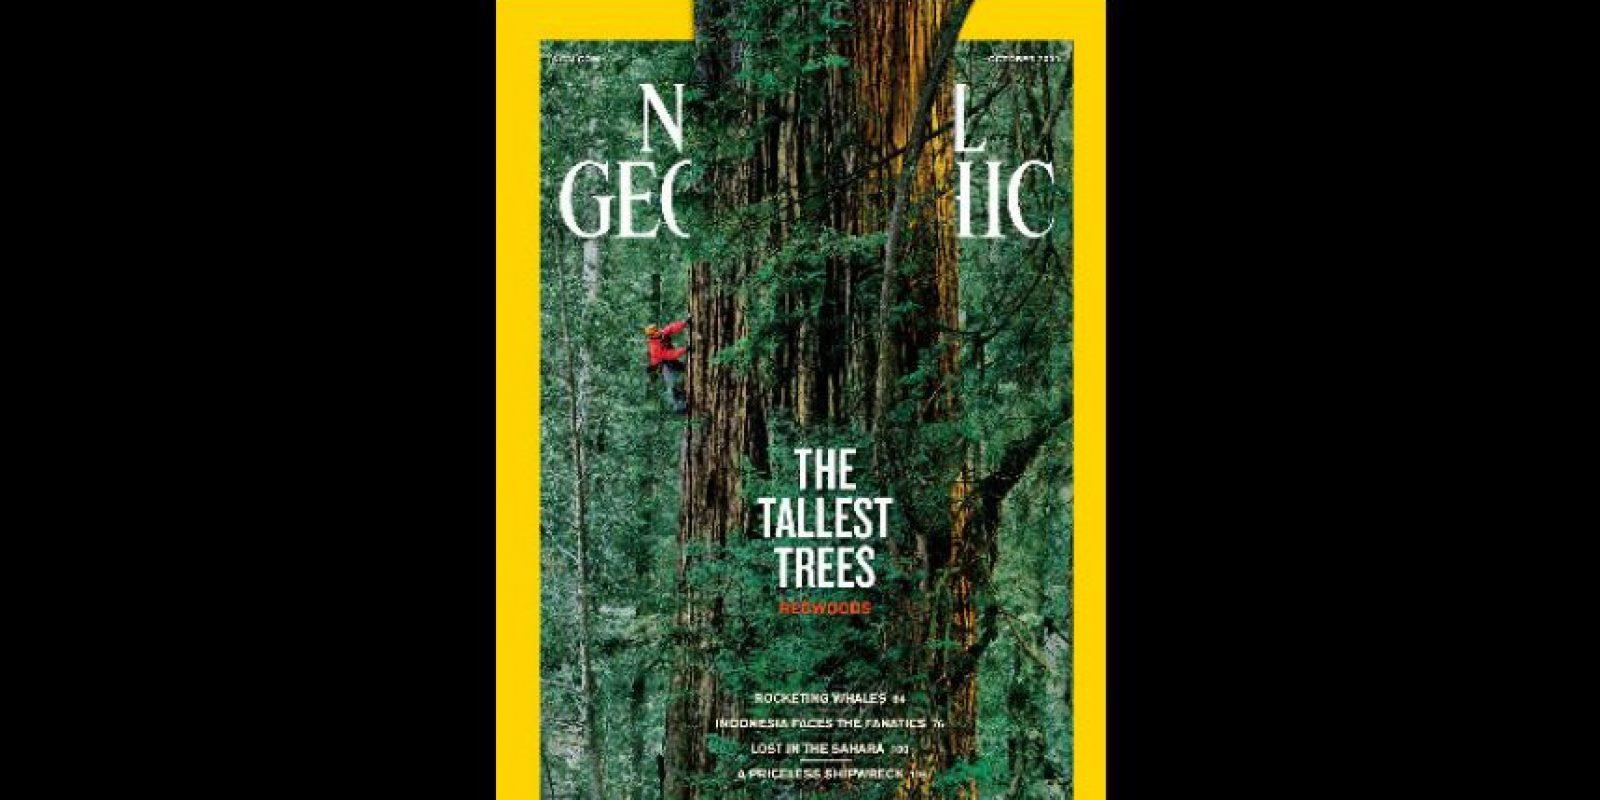 Octubre 2009. Tomó tres semanas, 84 imágenes y un sistema de cuerdas y poleas para hacer esta portada. Foto:Vía nationalgeographic.com